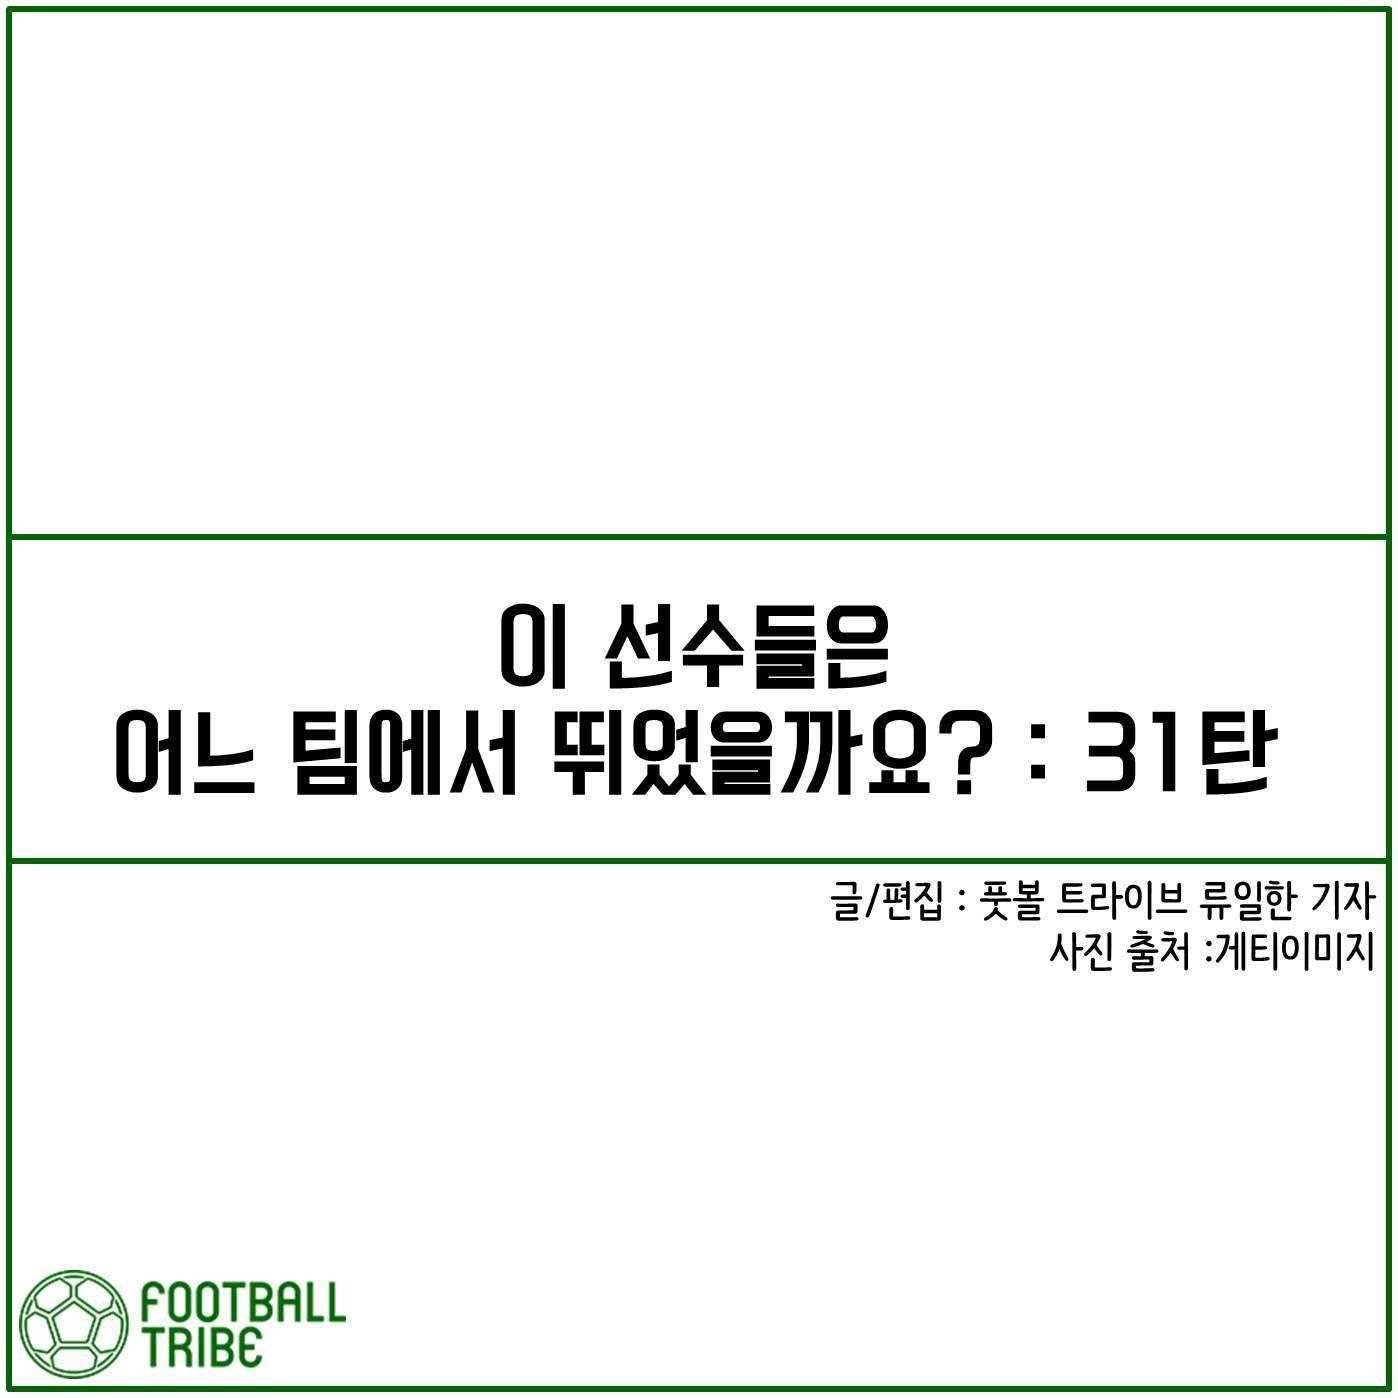 [카드 뉴스] 이 선수들은 어느 팀에서 뛰었을까요?: 31탄